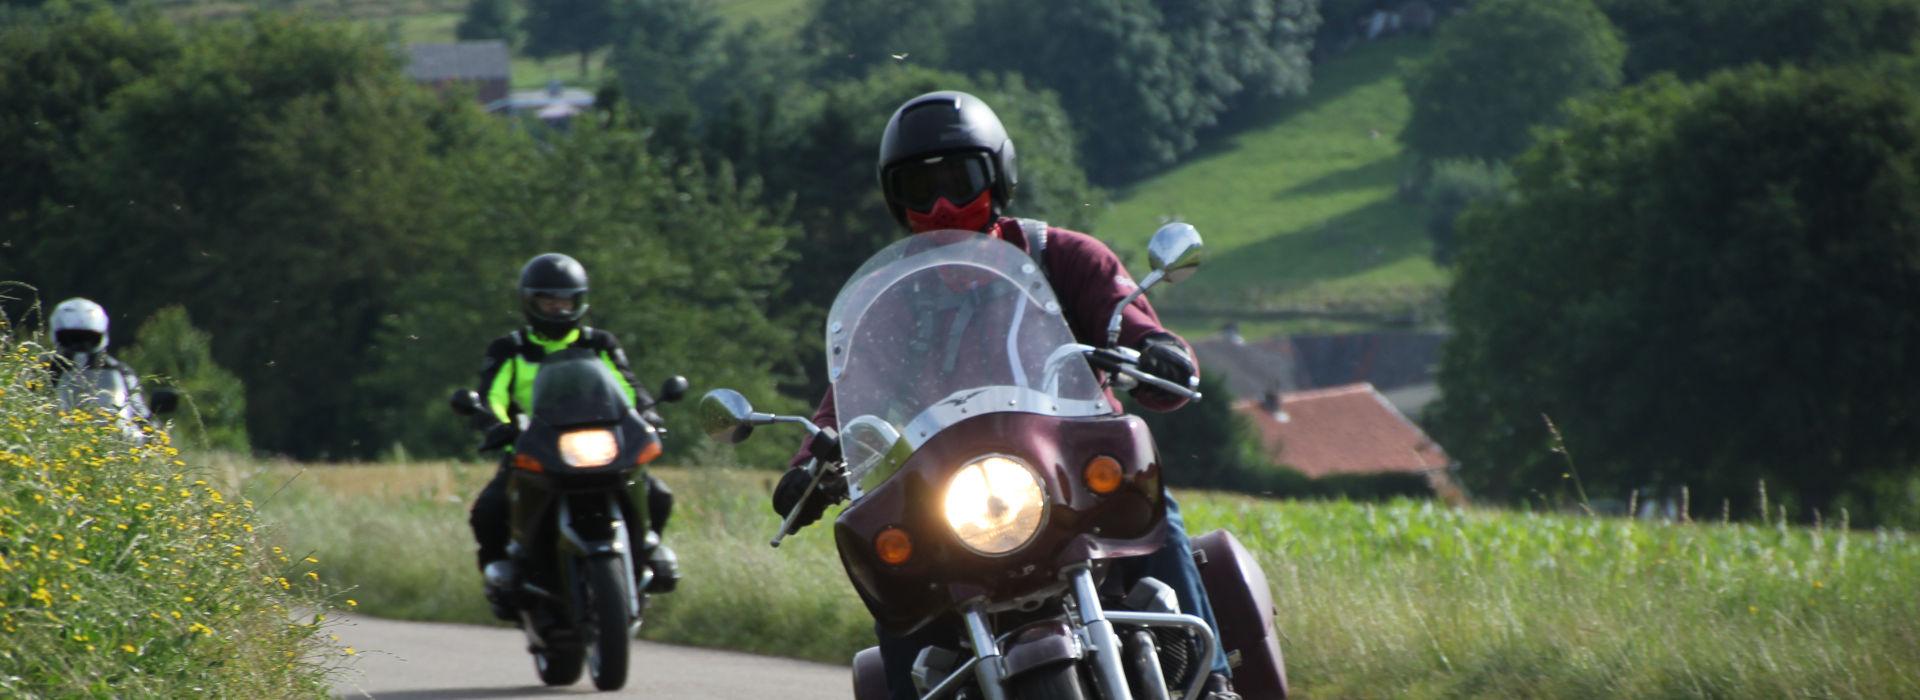 Motorrijbewijspoint Oud-Beijerland spoed motorrijbewijs